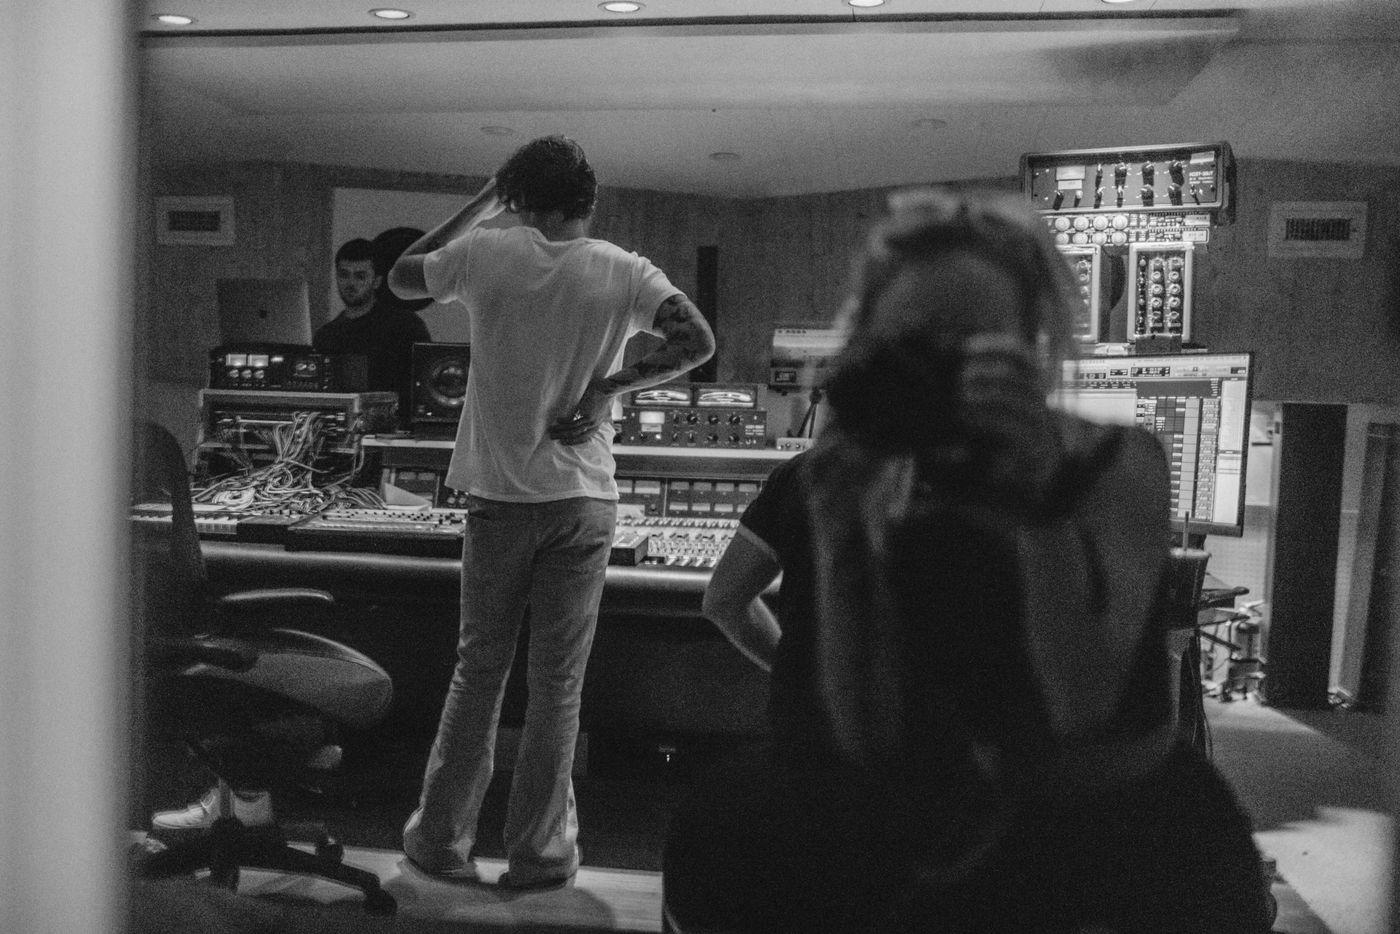 Harry Styles Fine Line Album Art Deluxe Photo Books Pics